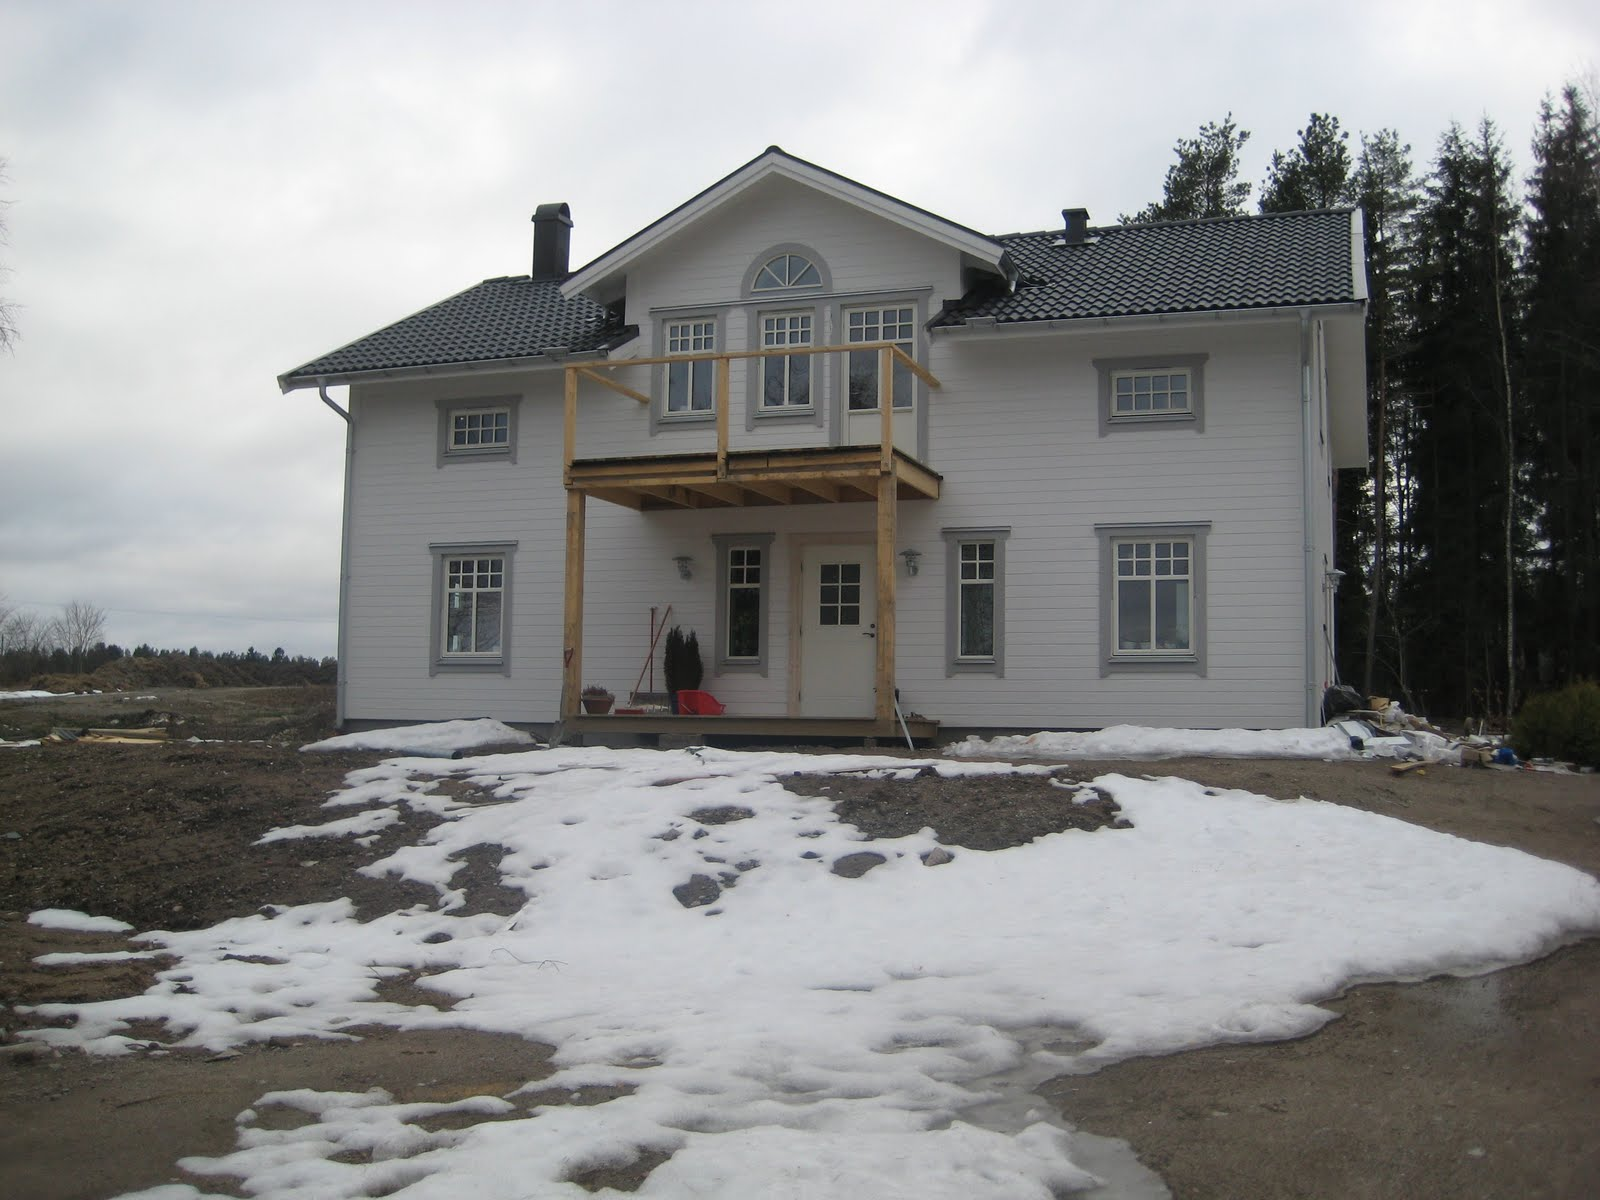 Villa runnaby: april 2010